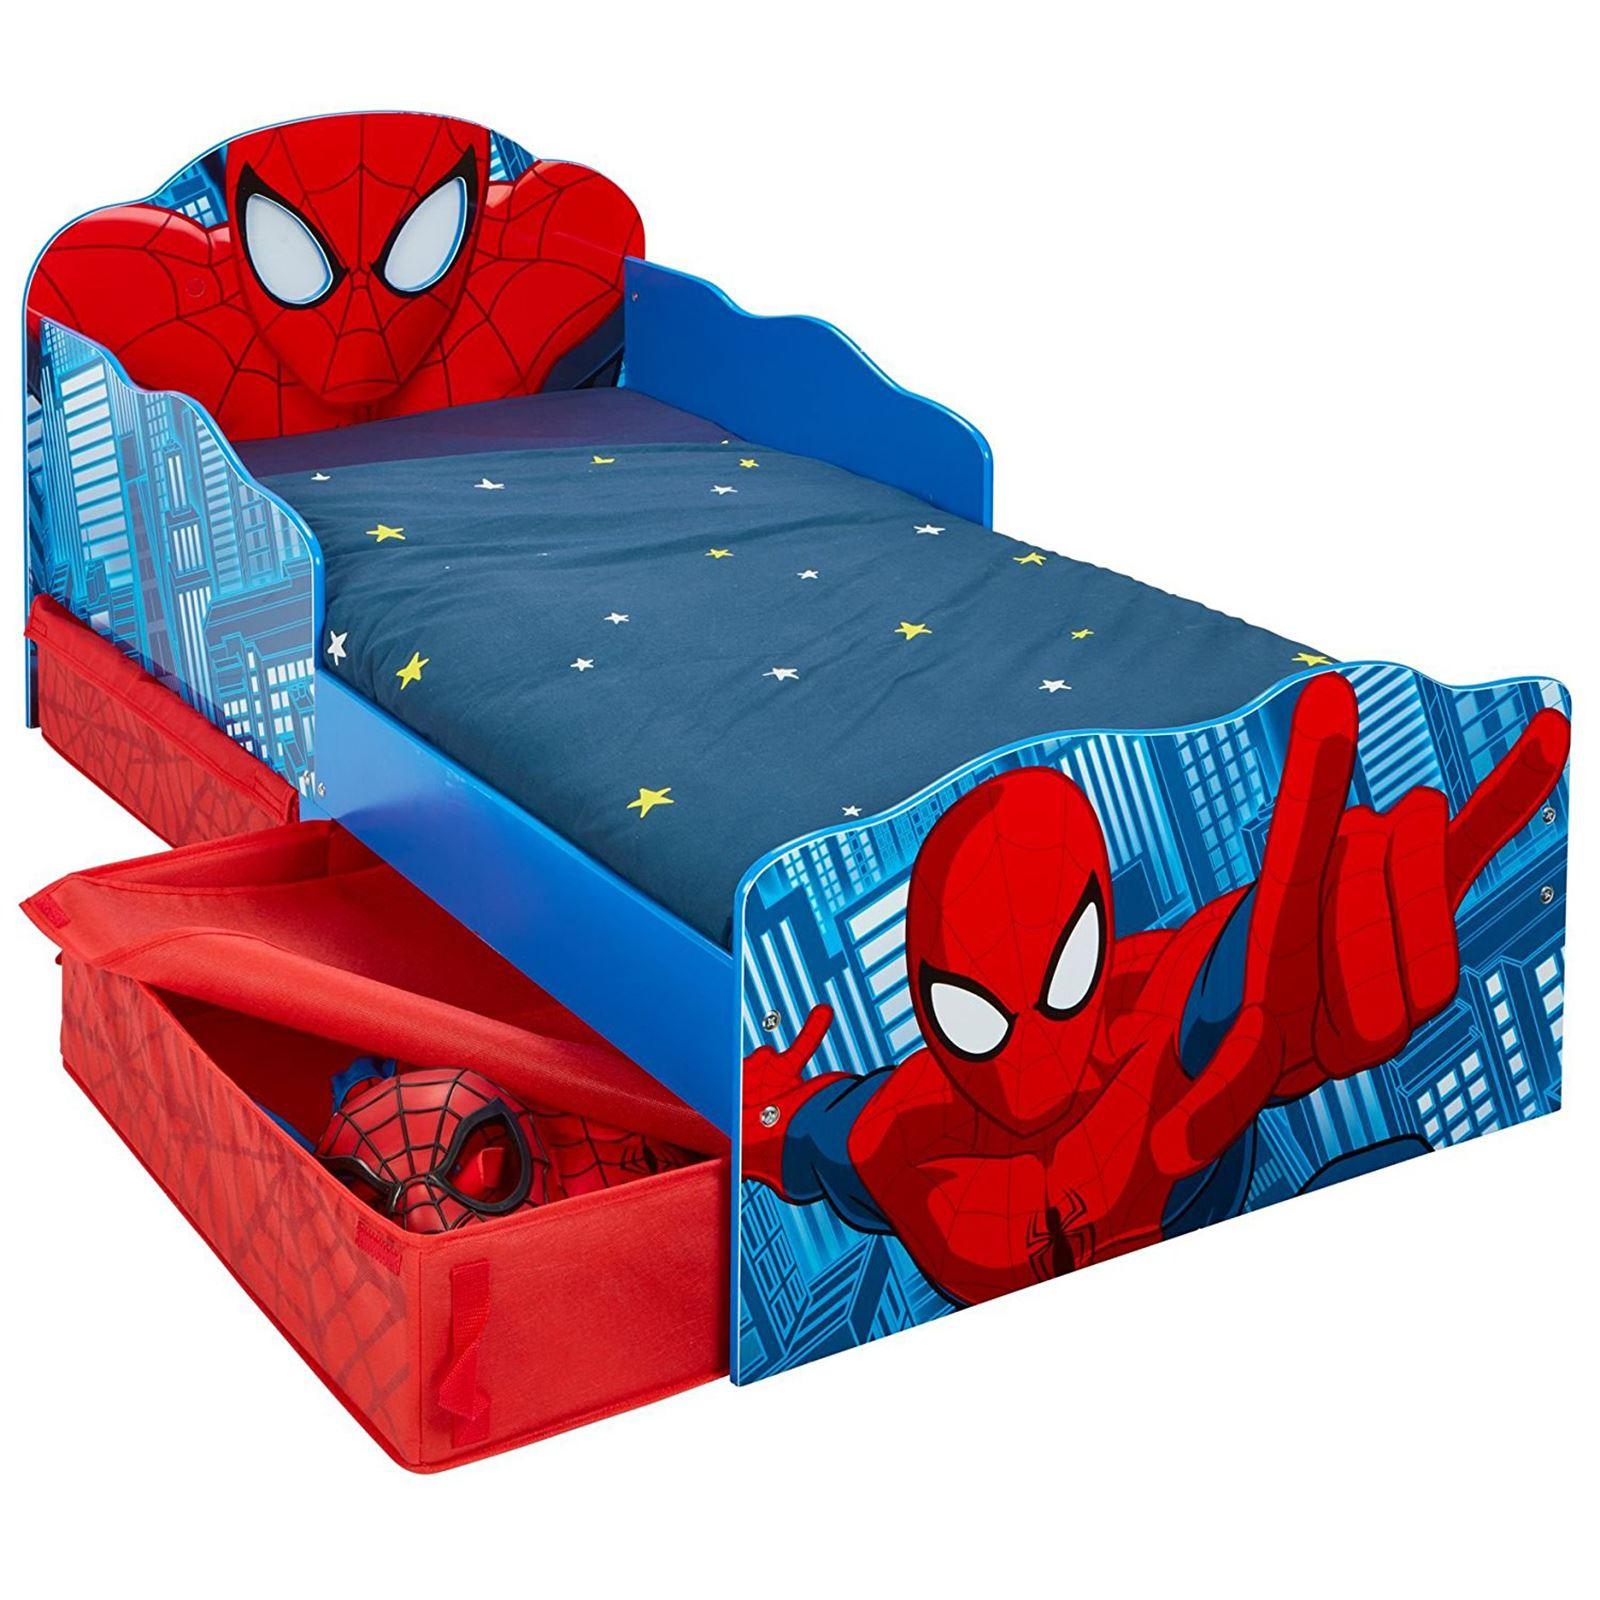 Full Size of Spiderman Kleinkind Bett Mit Lager Und Automatische Ausblendung Antik 120 Cm Breit Clinique Even Better Foundation Ausklappbares Landhausstil Komplett Stauraum Bett Bett Kleinkind